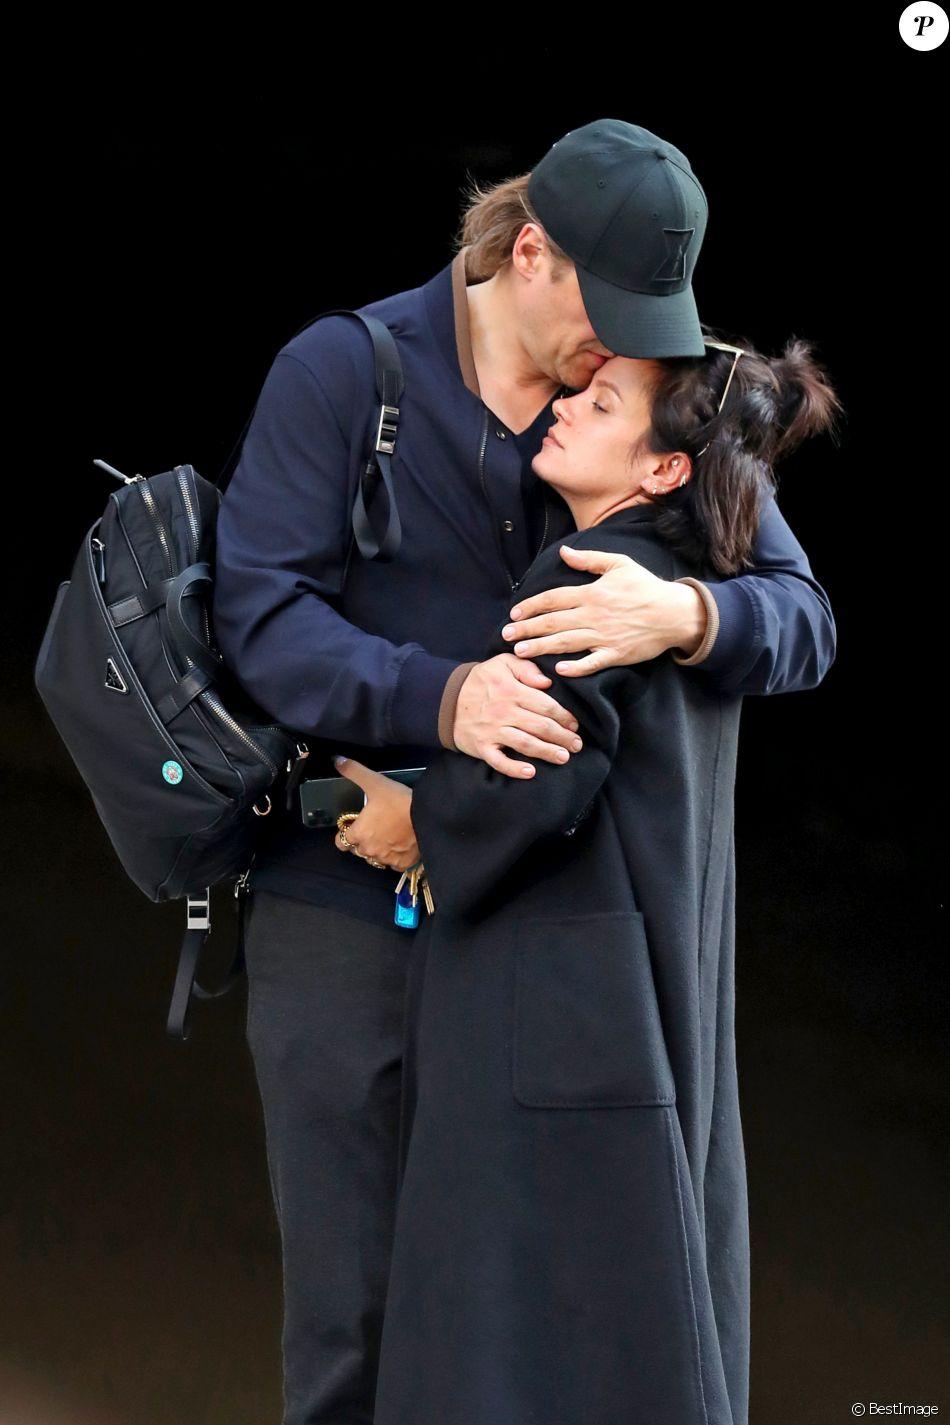 Exclusif - Lily Allen se blottit tendrement dans les bras de son compagnon David Harbour dans la rue à New York le 14 octobre 2019.